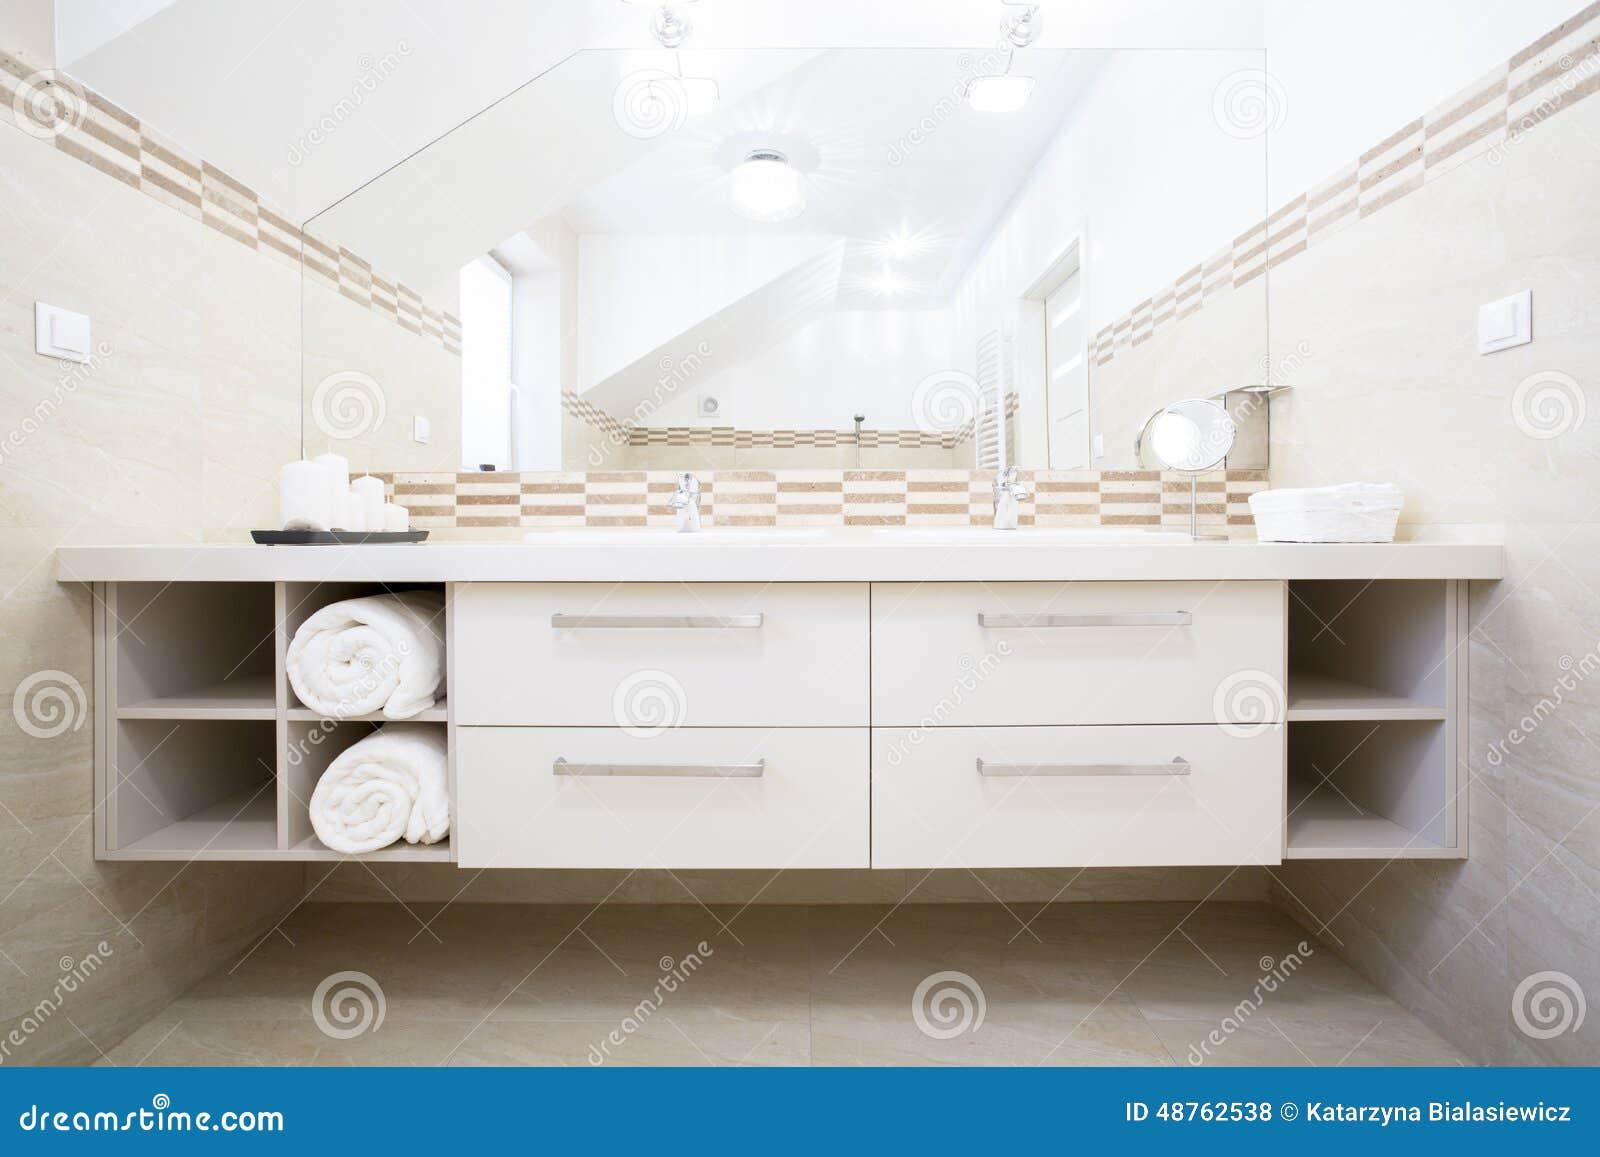 Muebles Blancos En Cuarto De Baño Brillante Foto de archivo - Imagen ...